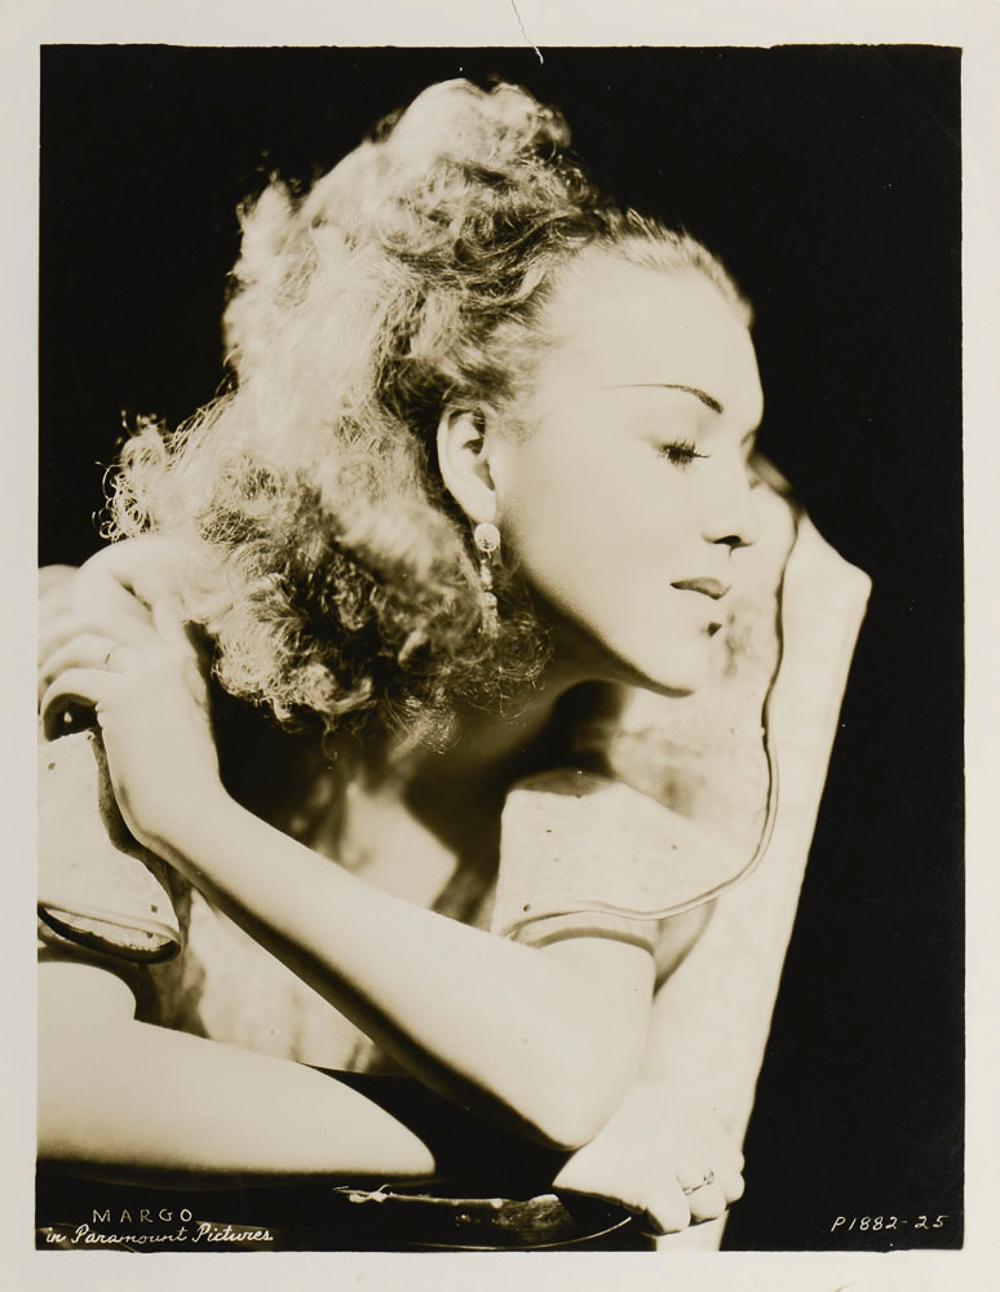 Portrait of Margo, photograph, 26 x 20 cm.